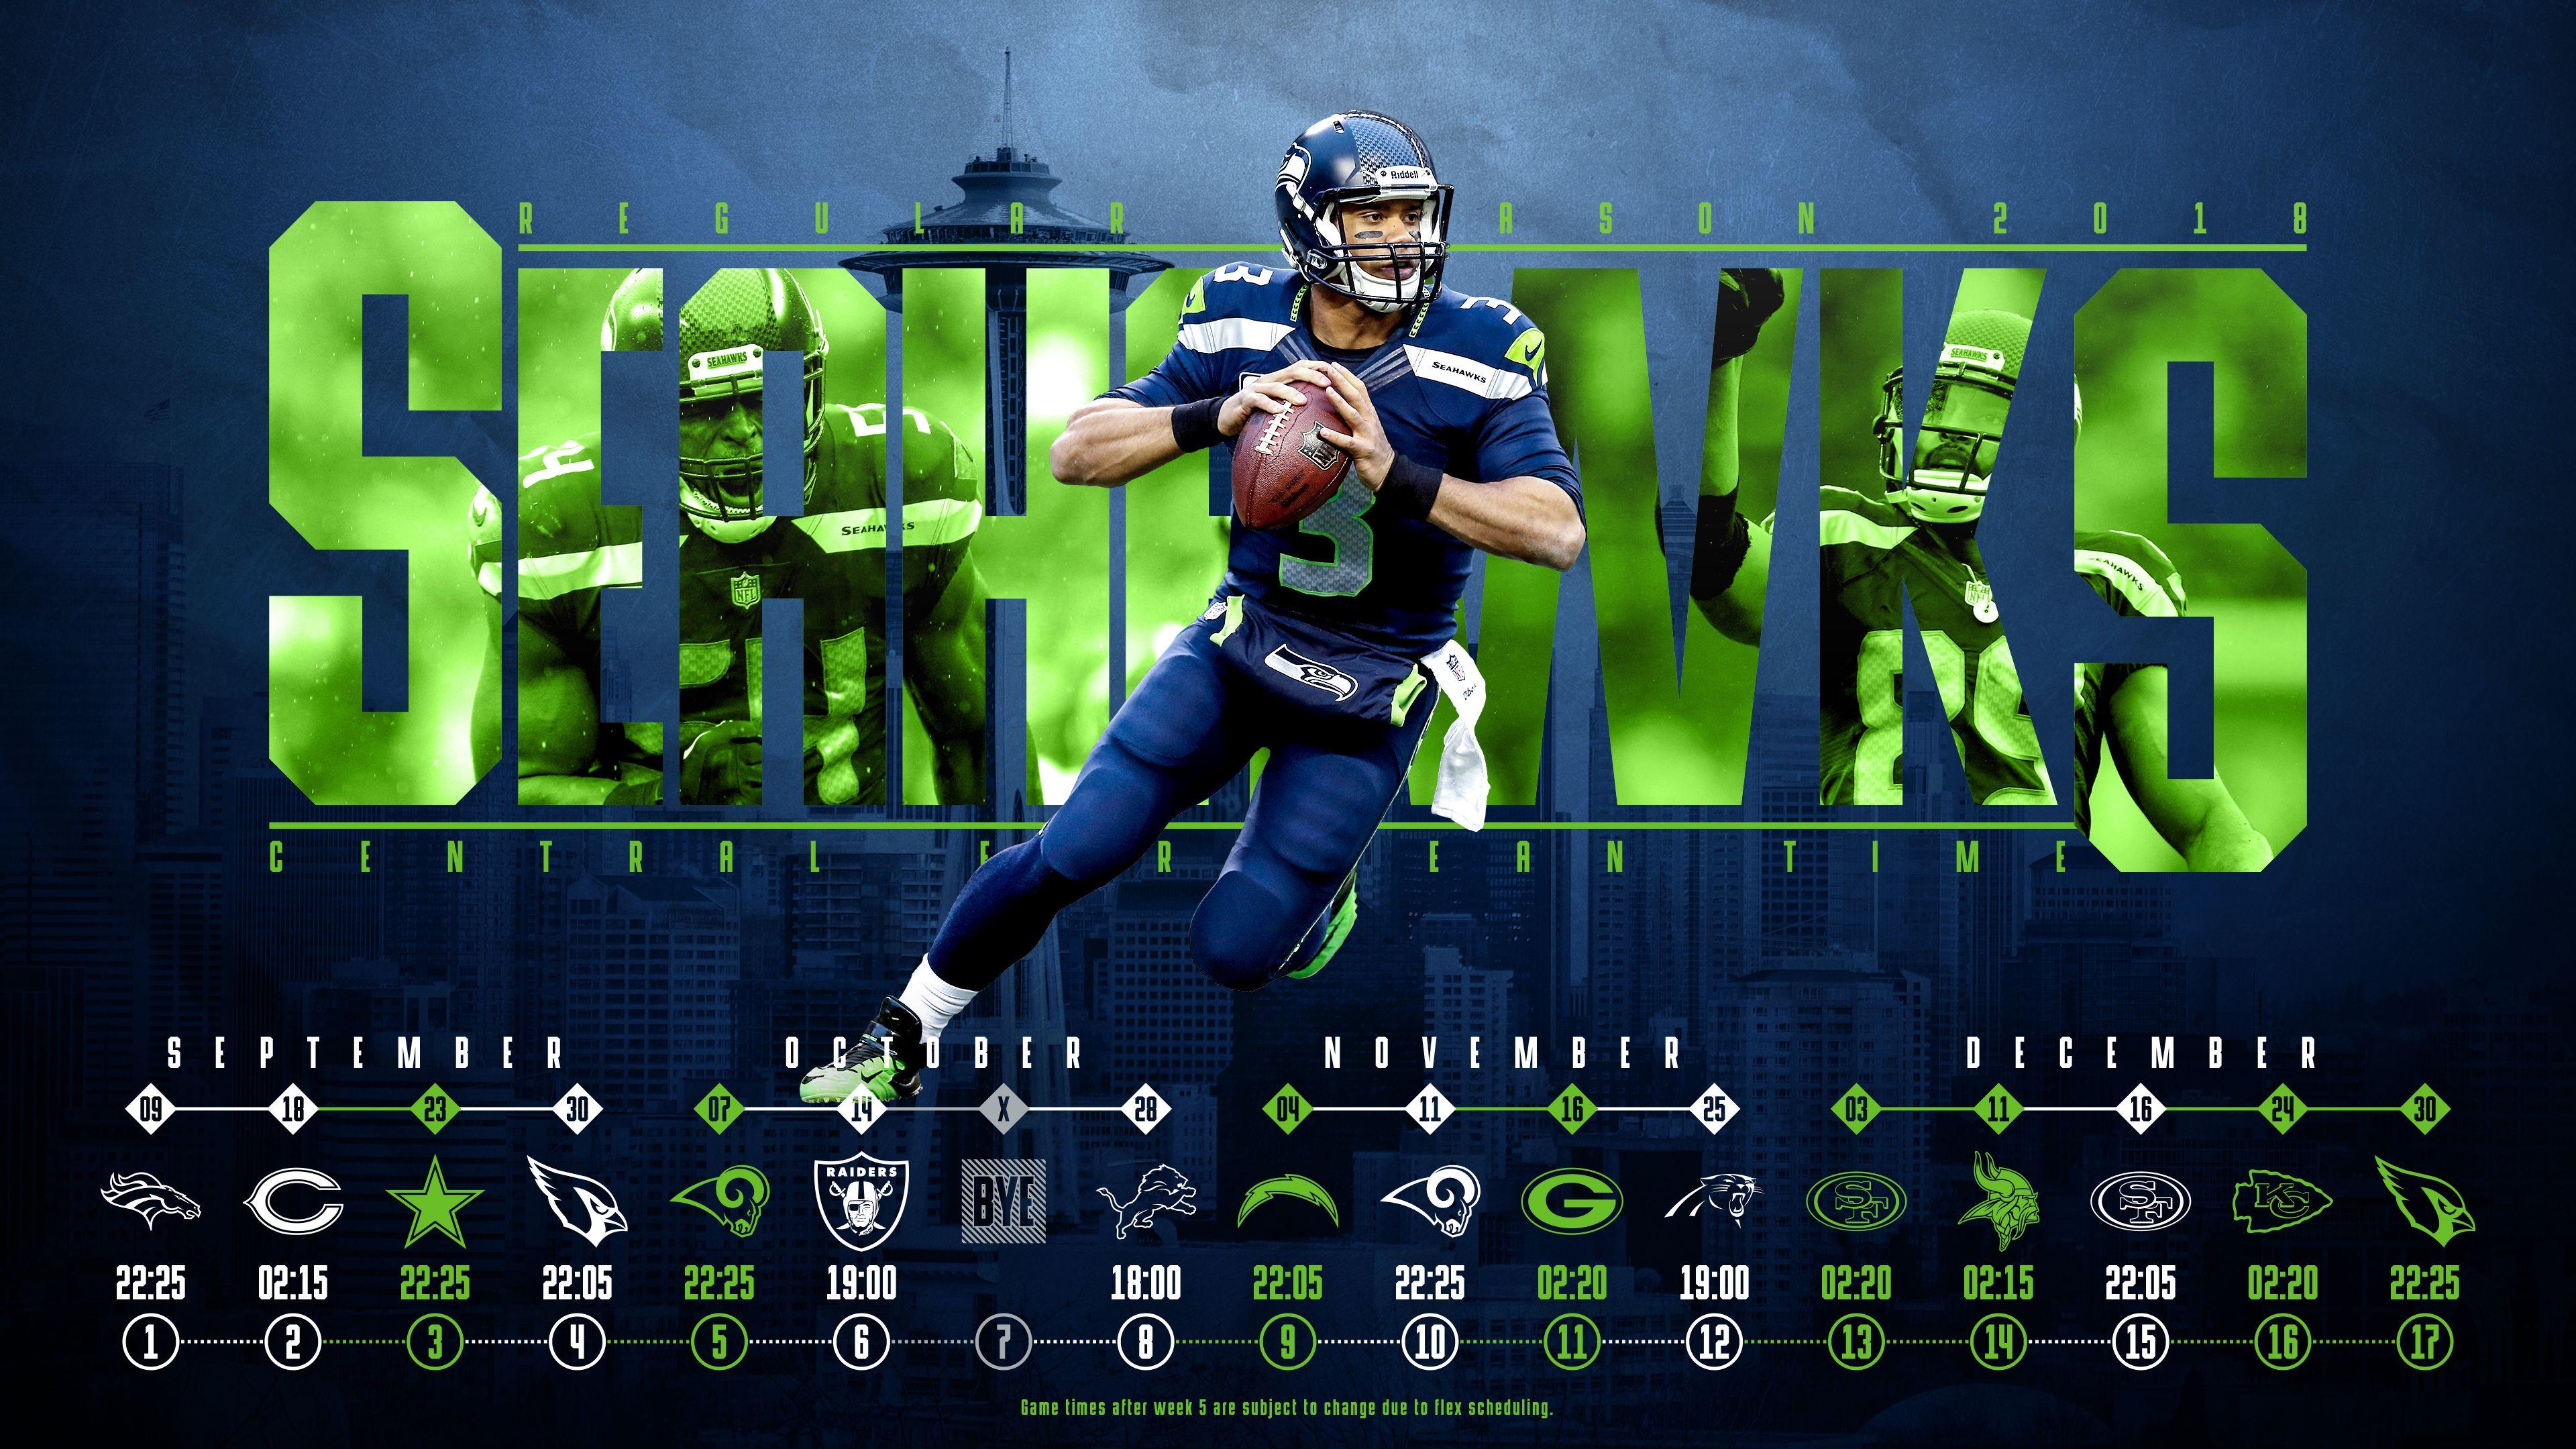 Schedule wallpaper for the Seattle Seahawks Regular Season